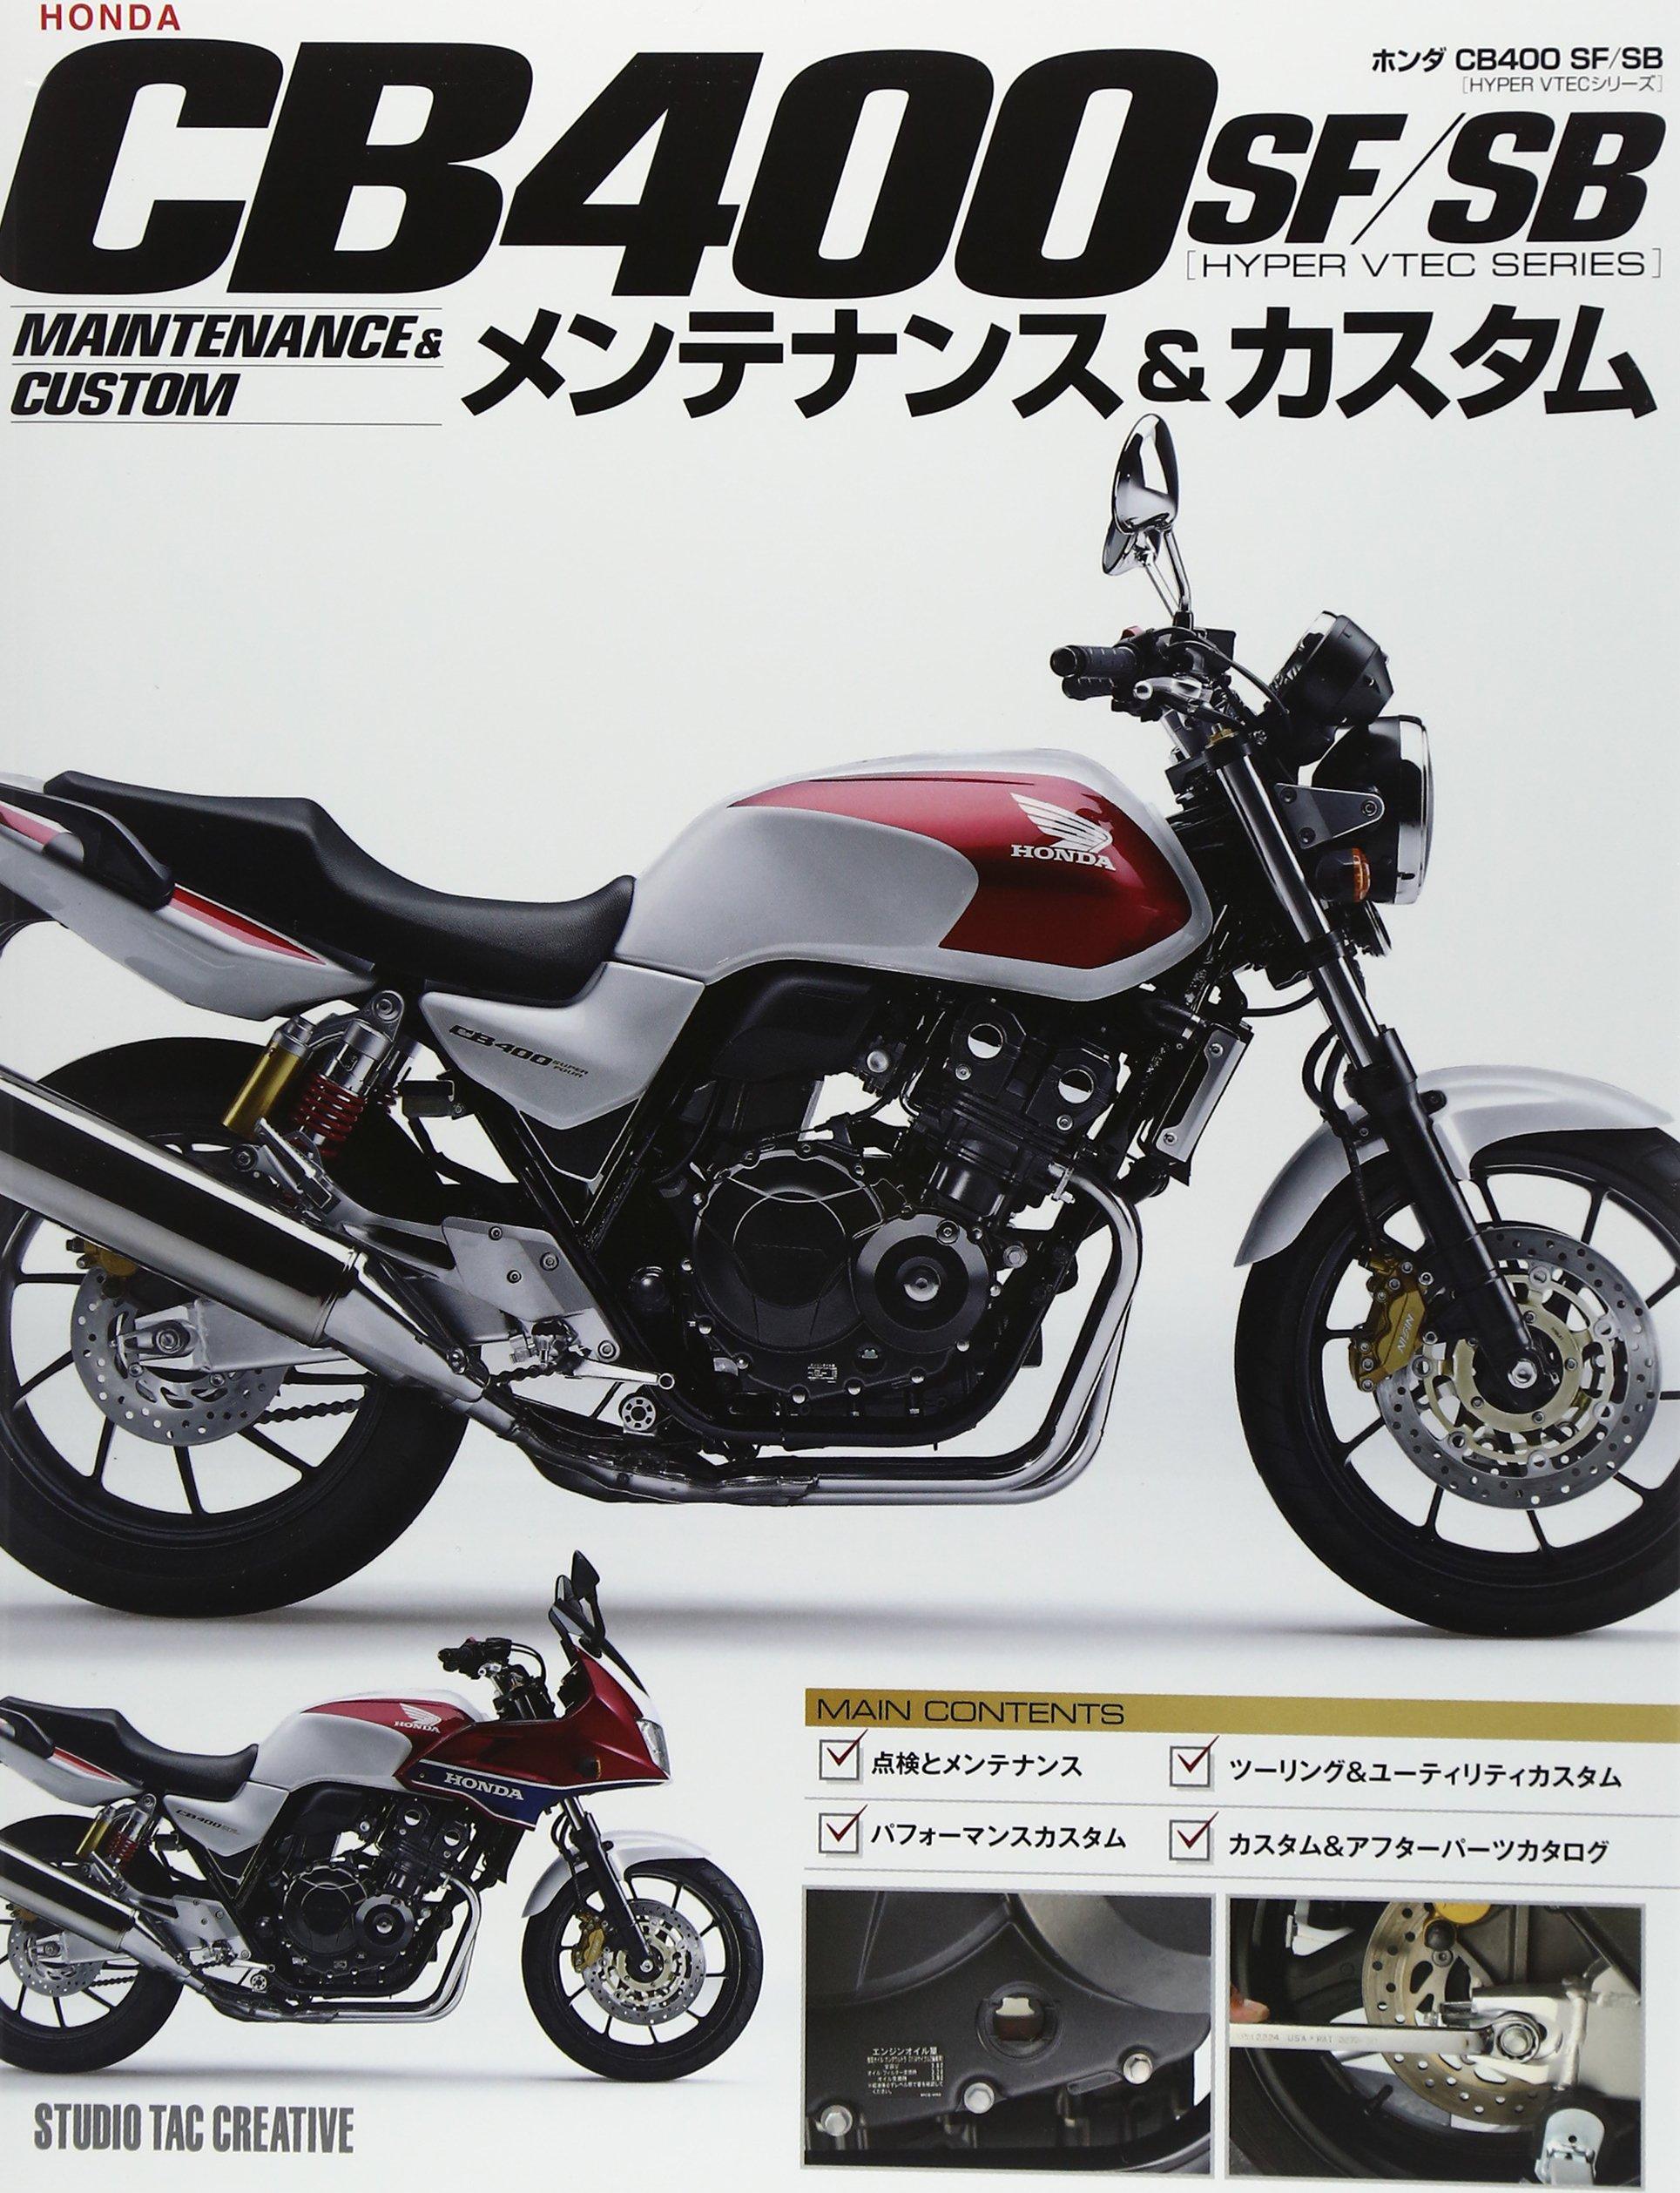 Honda shibi yonhyaku esuefu esubi haipa vuitekku shirizu mentenansu ando kasutamu. pdf